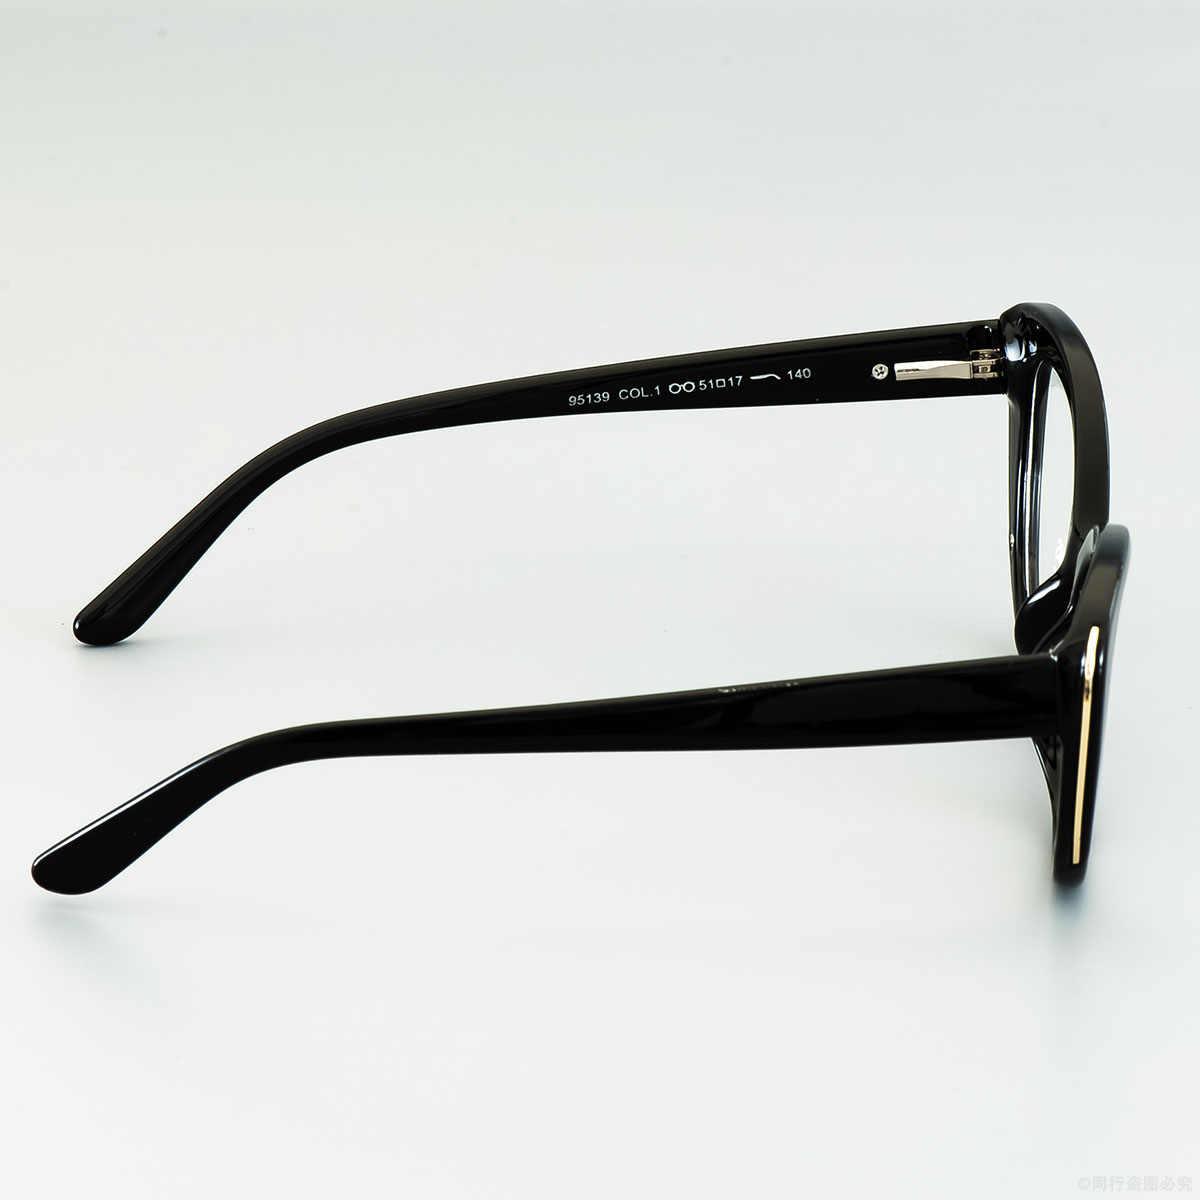 Pixcico 45677 עין חתול משקפיים מסגרות נשים אופטי אופנה מחשב משקפיים